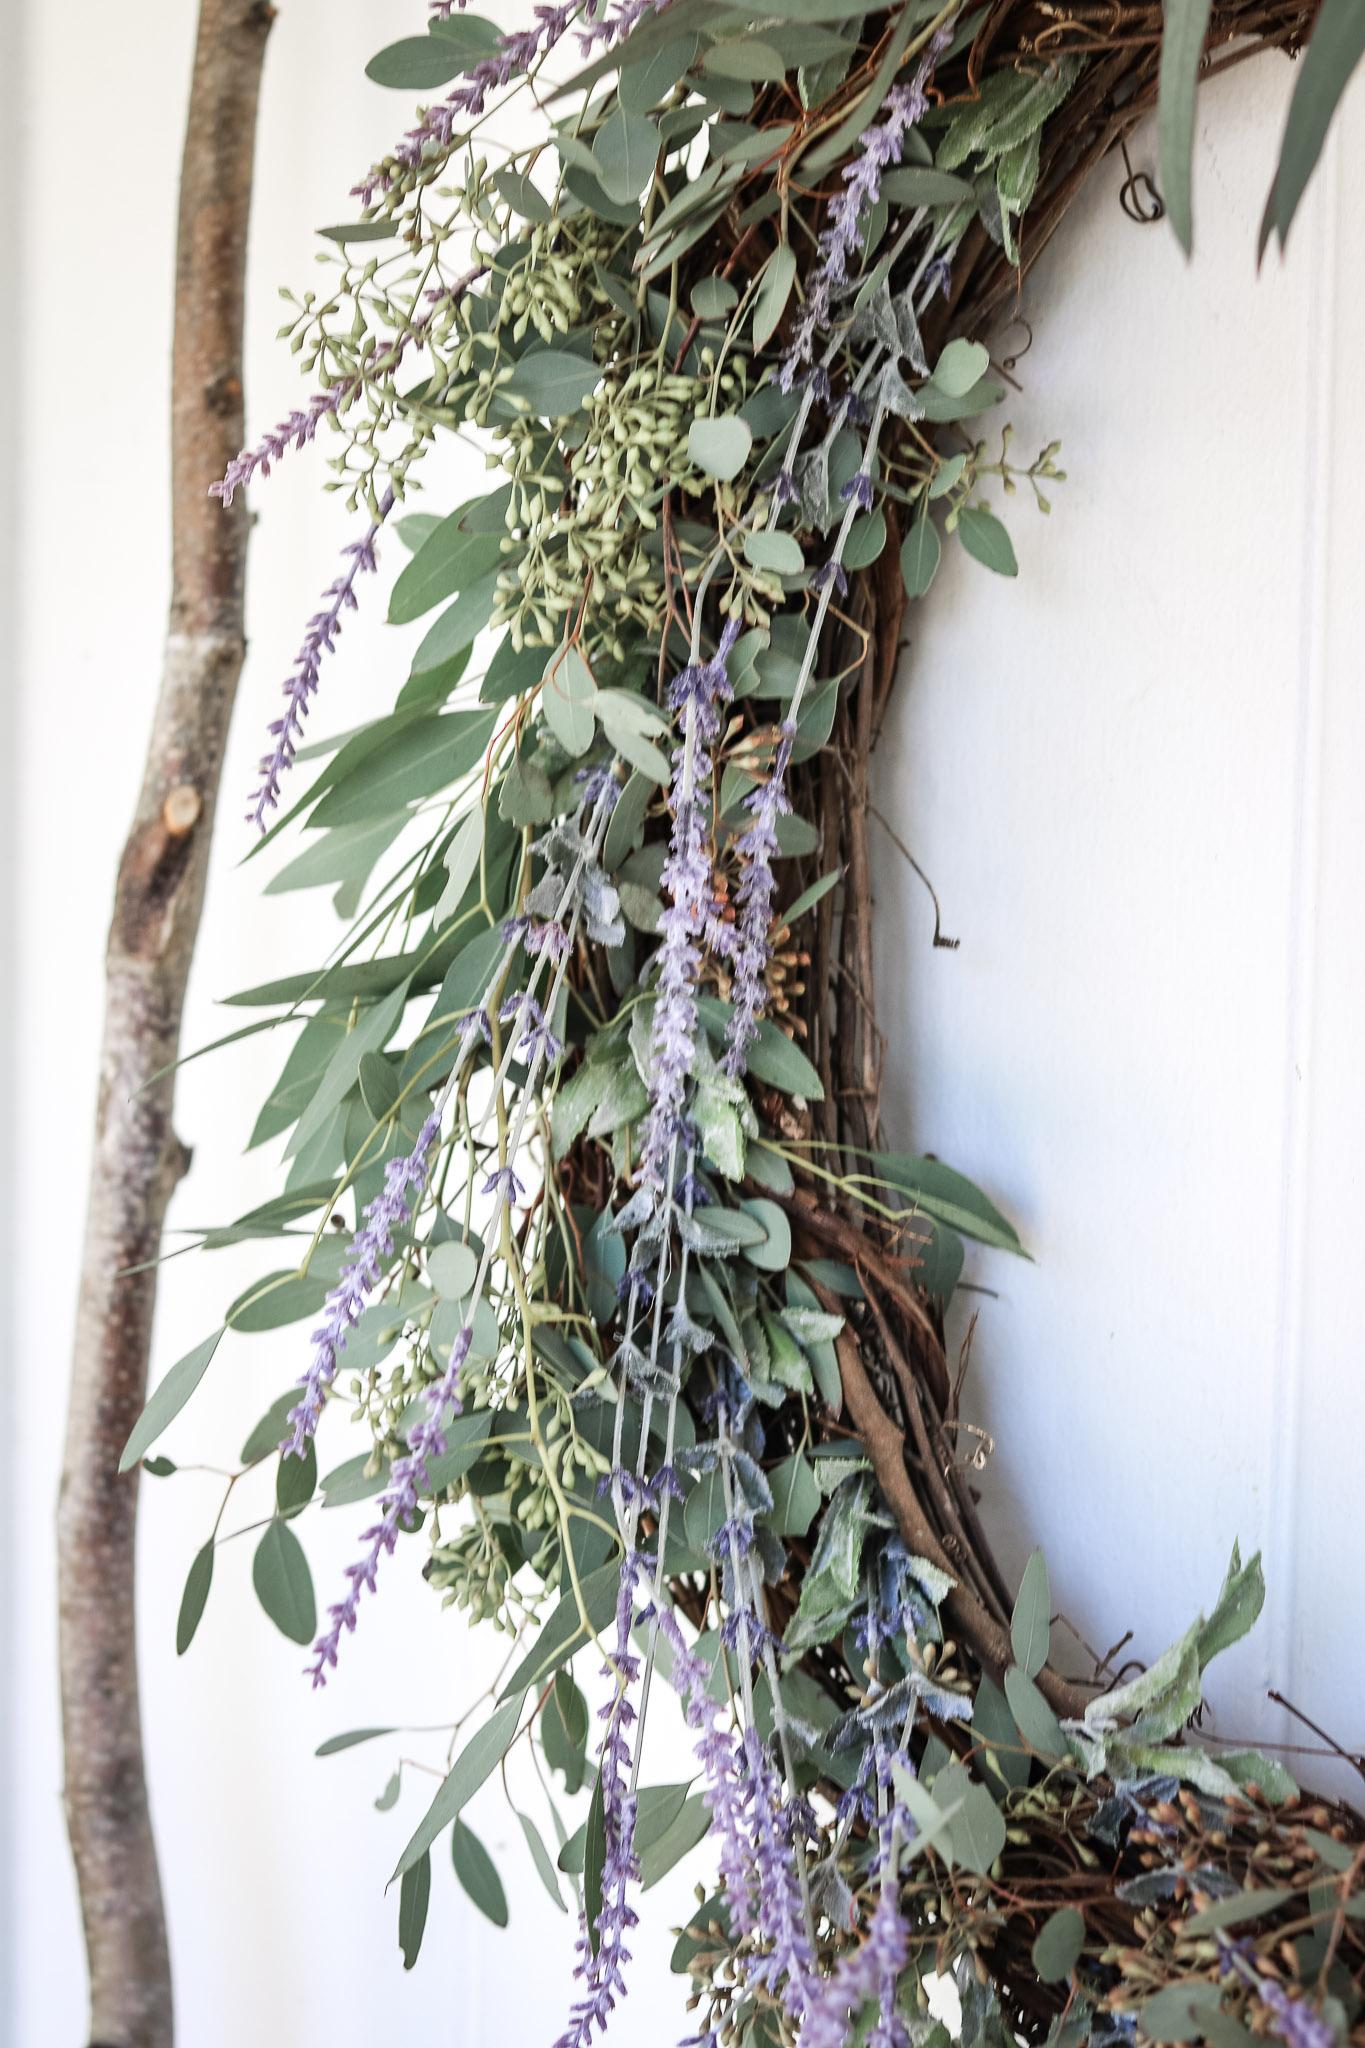 SpringGrapevineWreath-BaileyRaesKitchen6.jpg